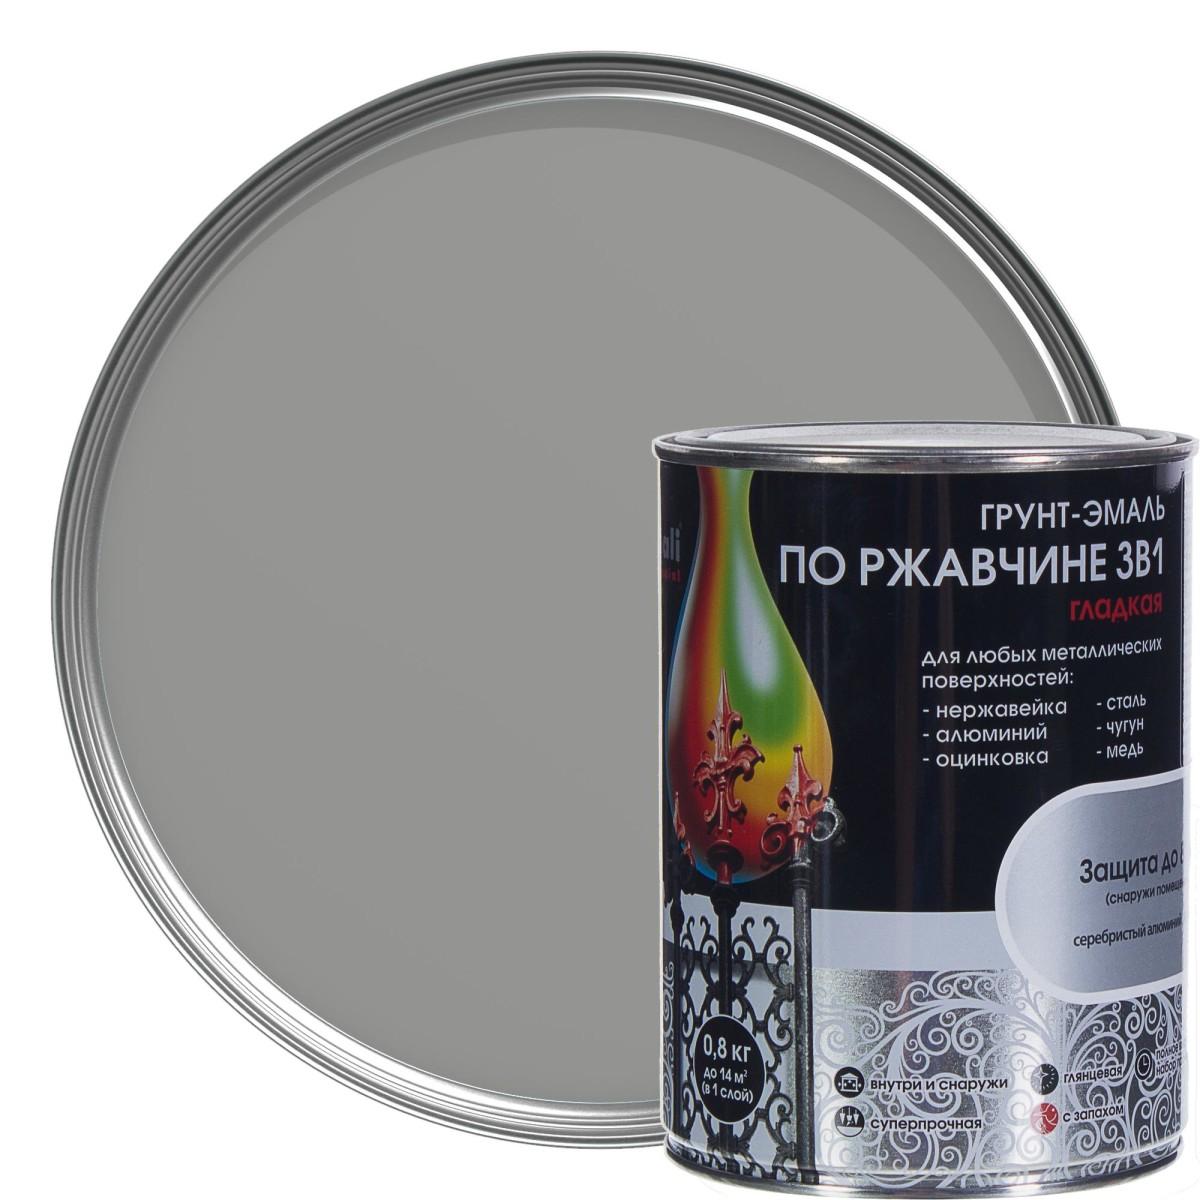 Грунт эмаль по ржавчине 3 в 1 гладкая Dali Special цвет серебристый 0.8 кг